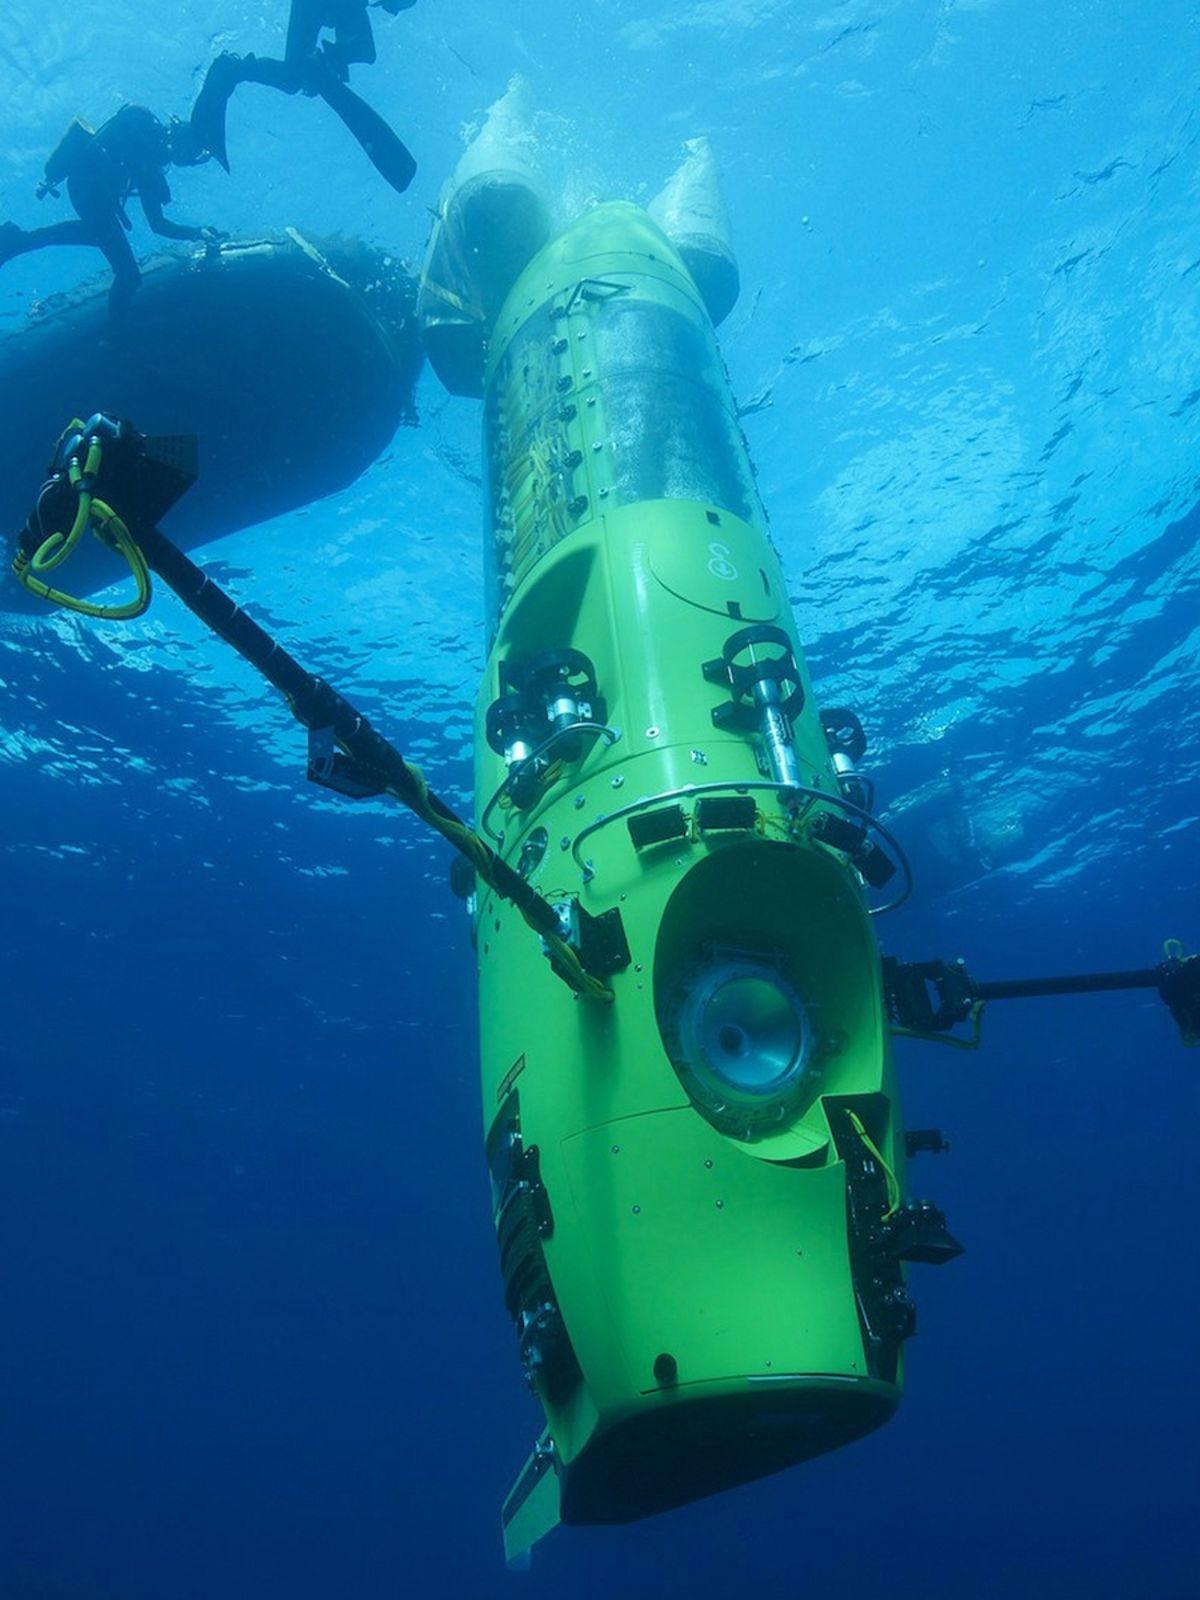 Špeciálna ponorka, v ktorej sa 57-ročný režisér...